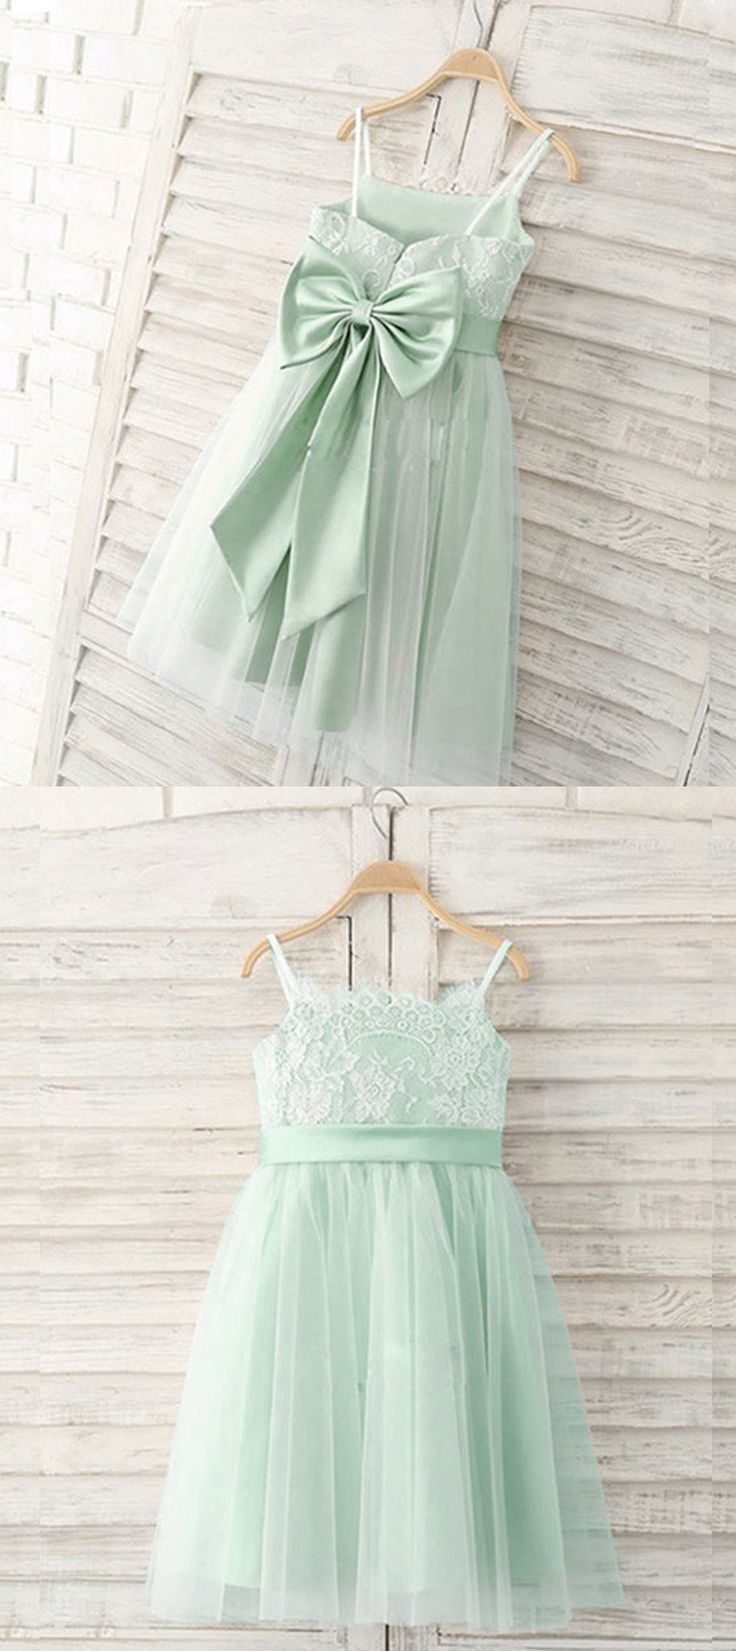 Girl Dresses,Lace girl dresses,little girl dresses,mint dresses   #girldresses